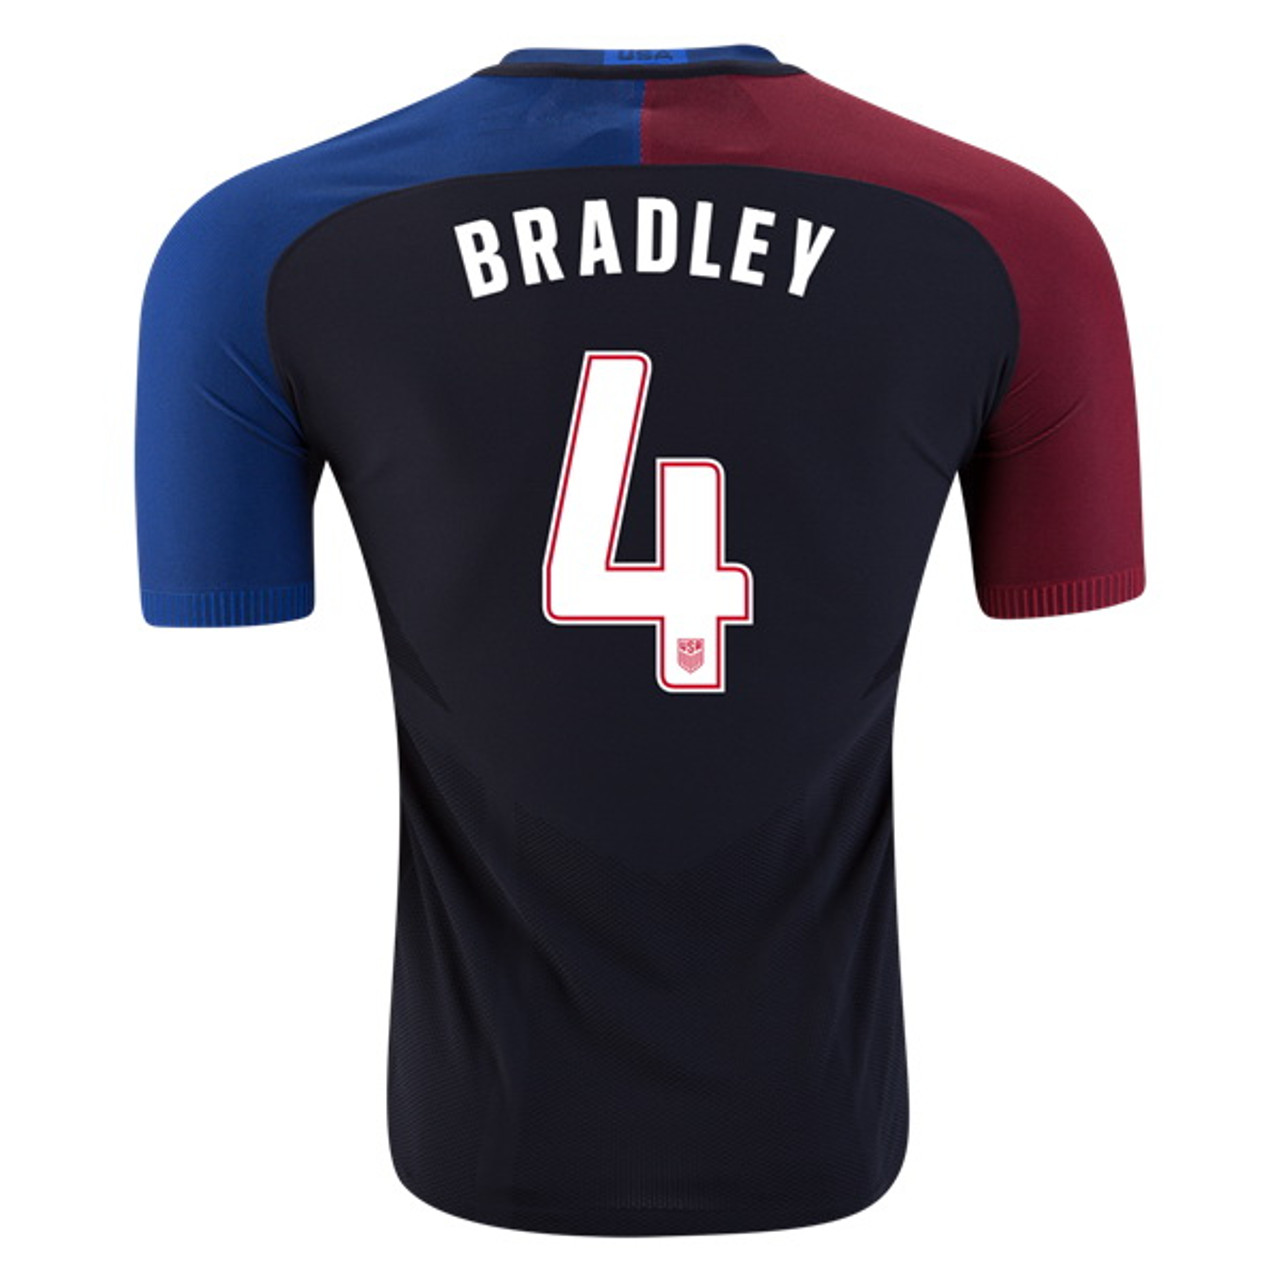 bradley jersey